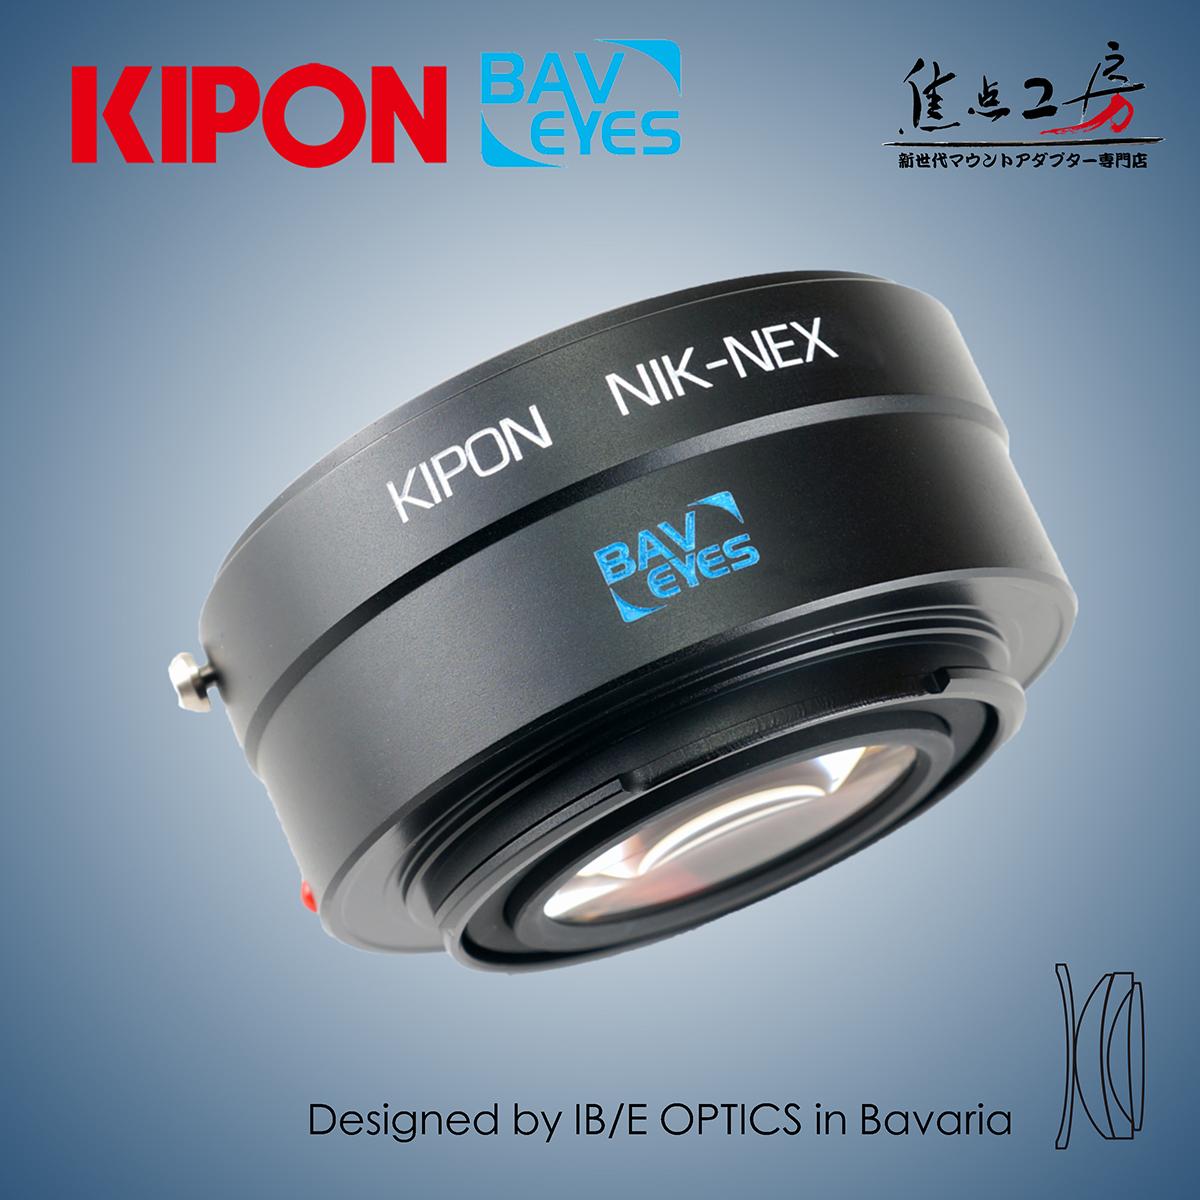 マウントアダプター KIPON BAVEYES NIK-S/E 0.7x (NIK-NEX 0.7x) ニコンFマウントレンズ - ソニーNEX/α.Eマウント フォーカルレデューサーカメラ 0.7x